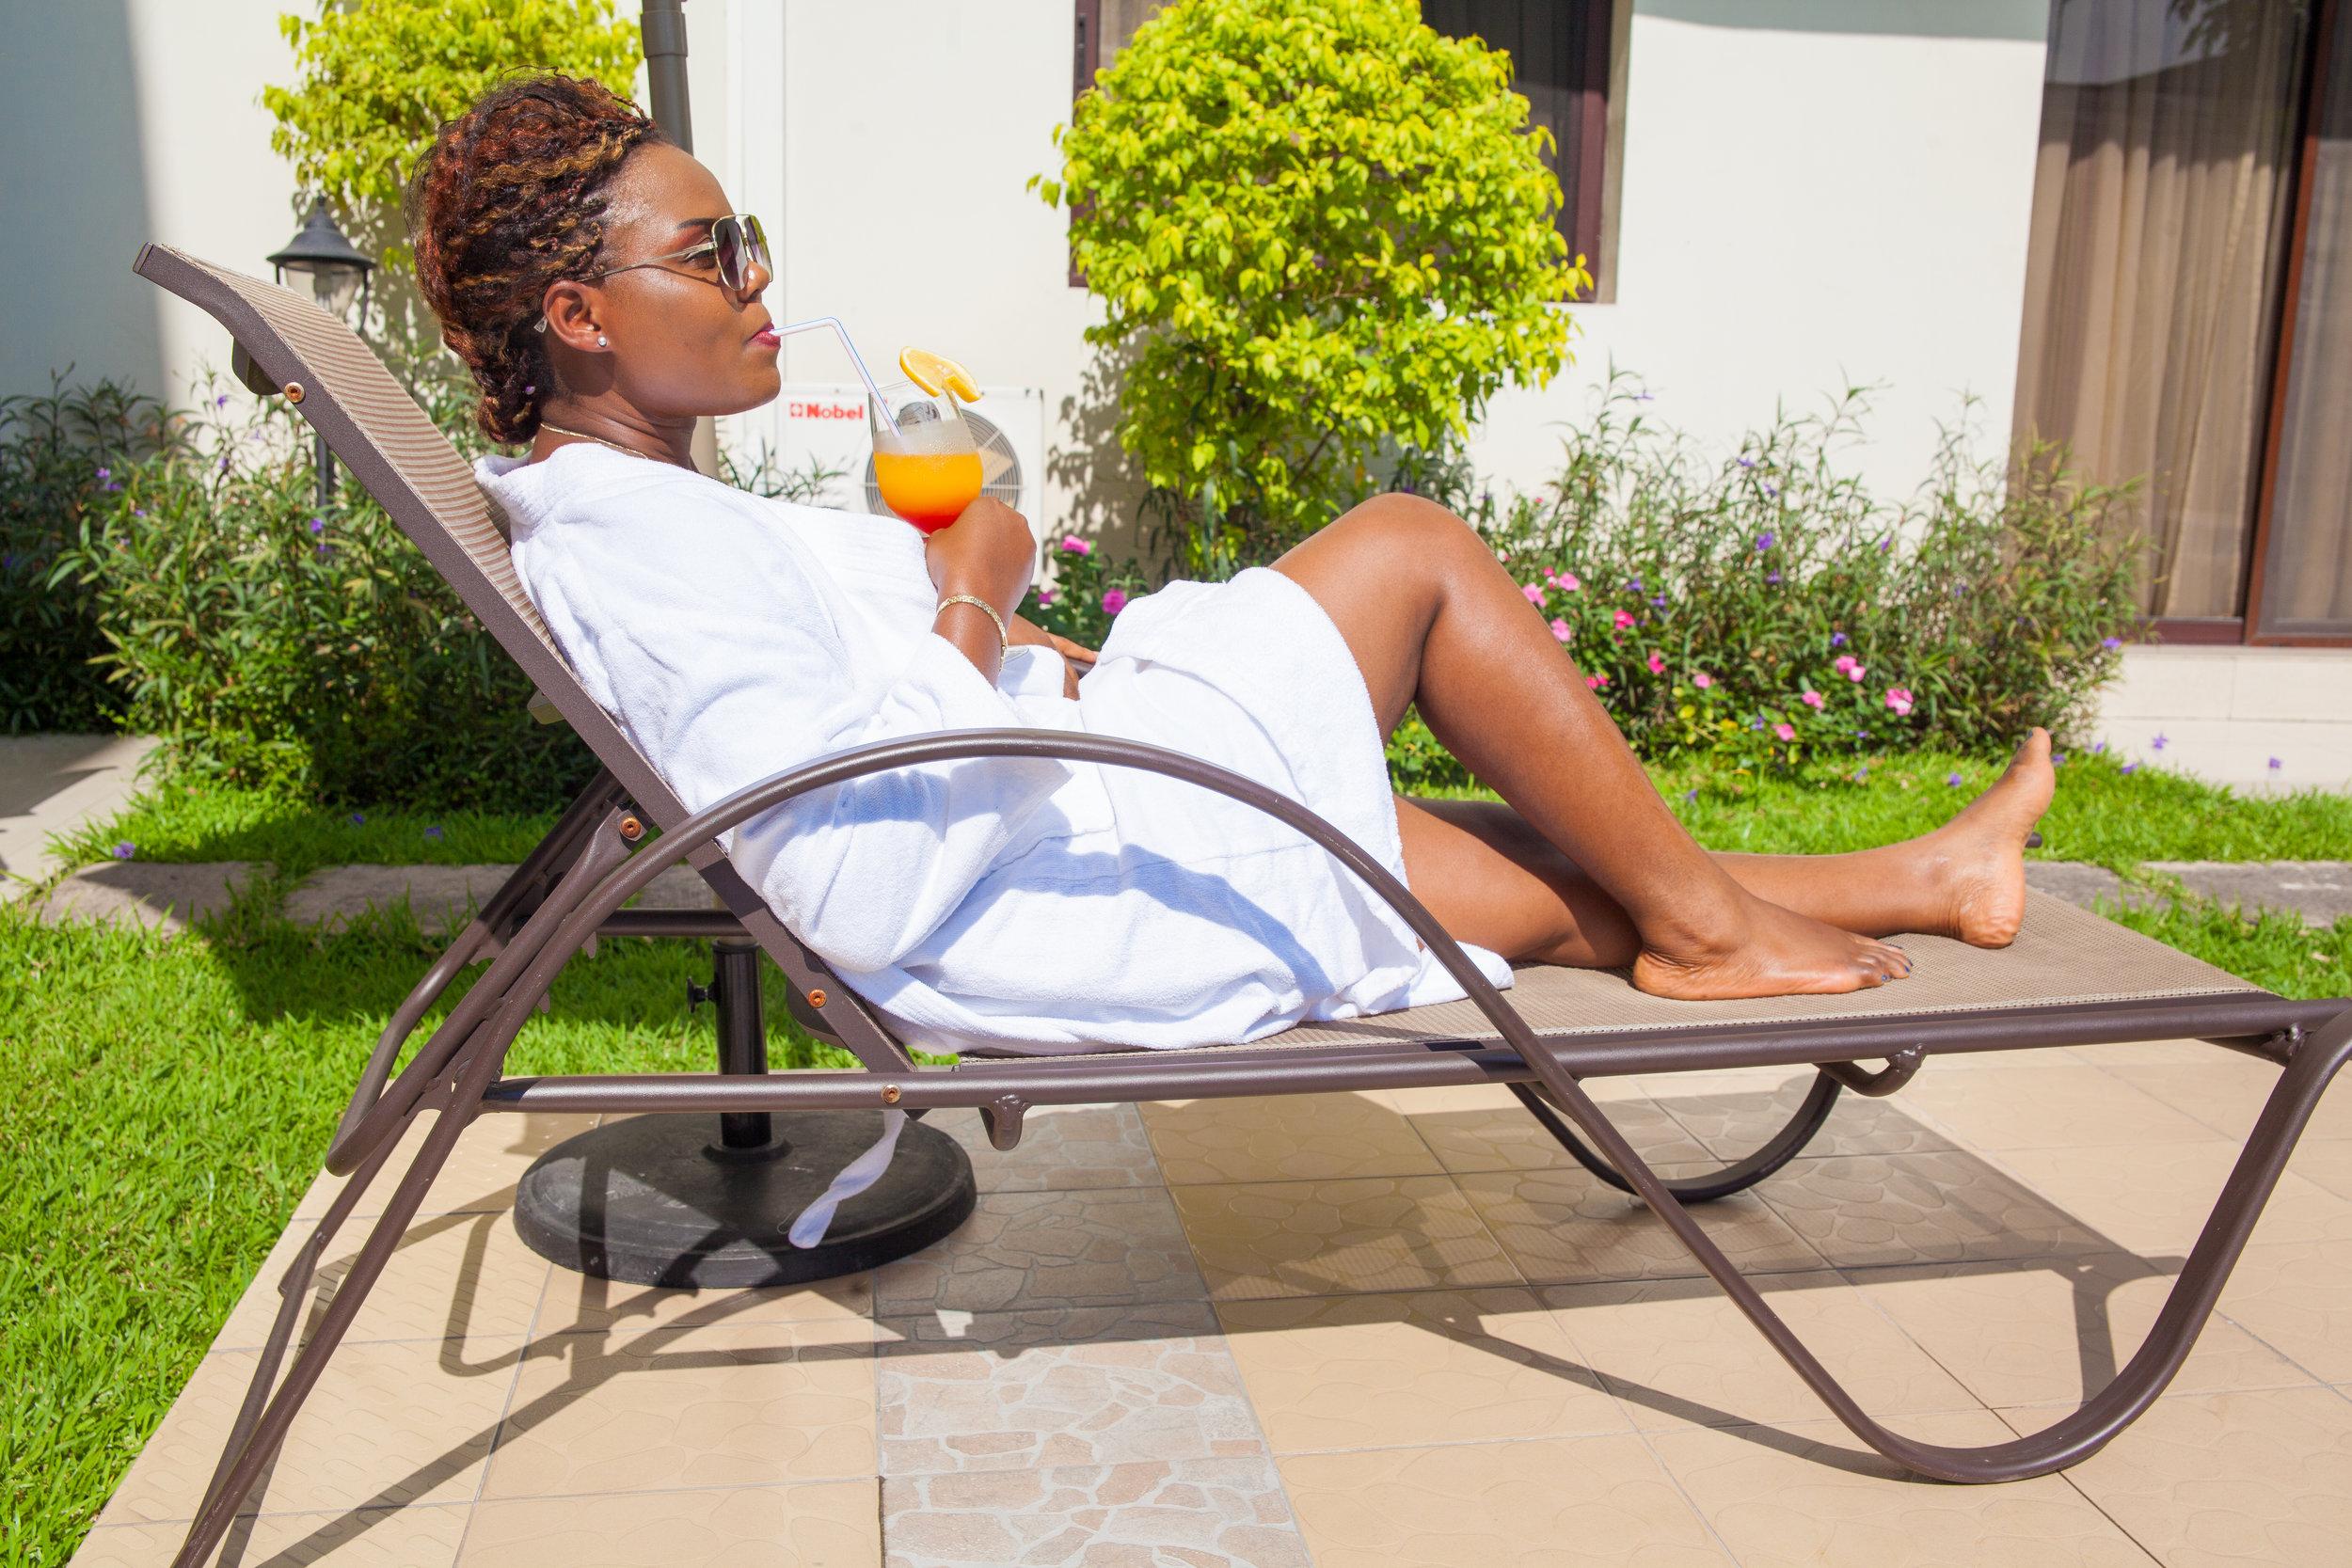 Notre Espace extérieur, doté d'une piscine, vous permettra de vous décontracter et profiter des belles journées tropicales.